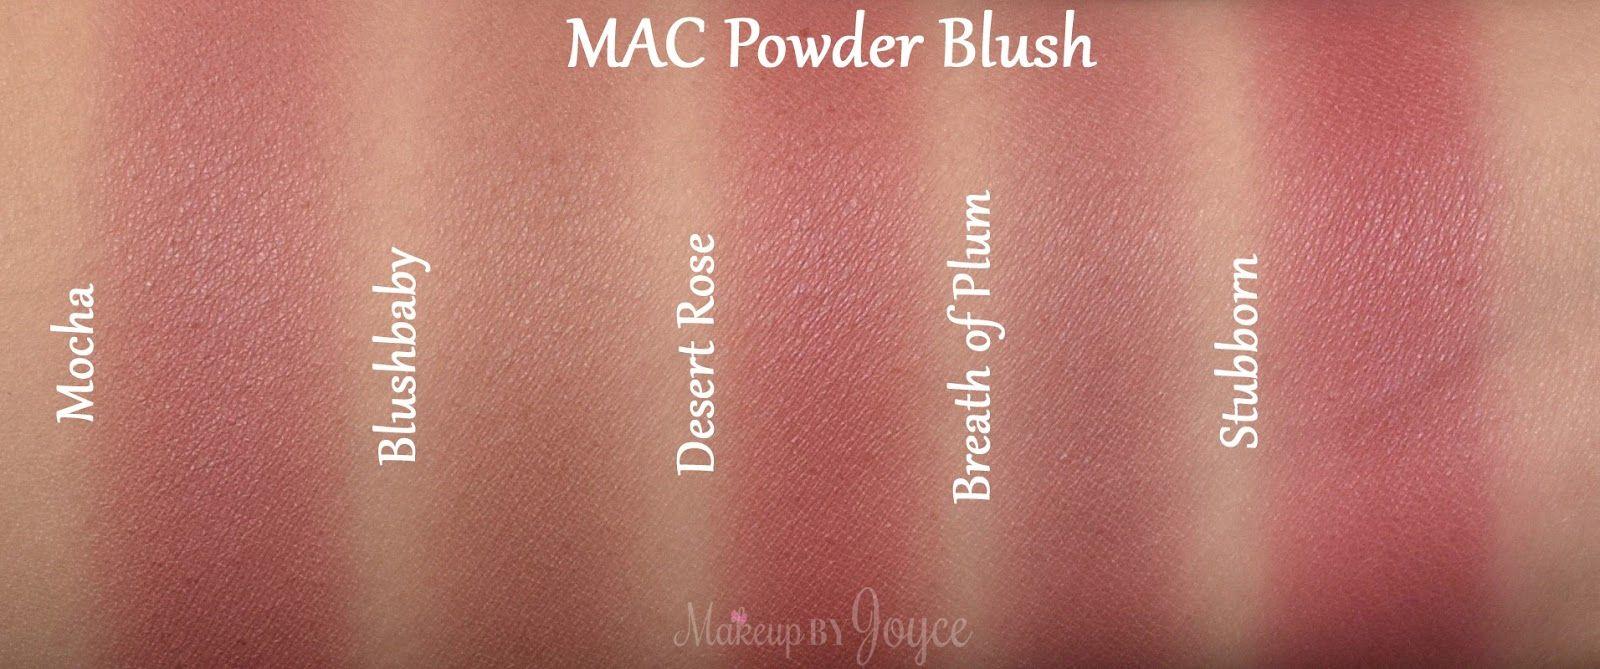 Mac Blush Swatch Google Search Mac Blush Mac Makeup Mac Mocha Blush